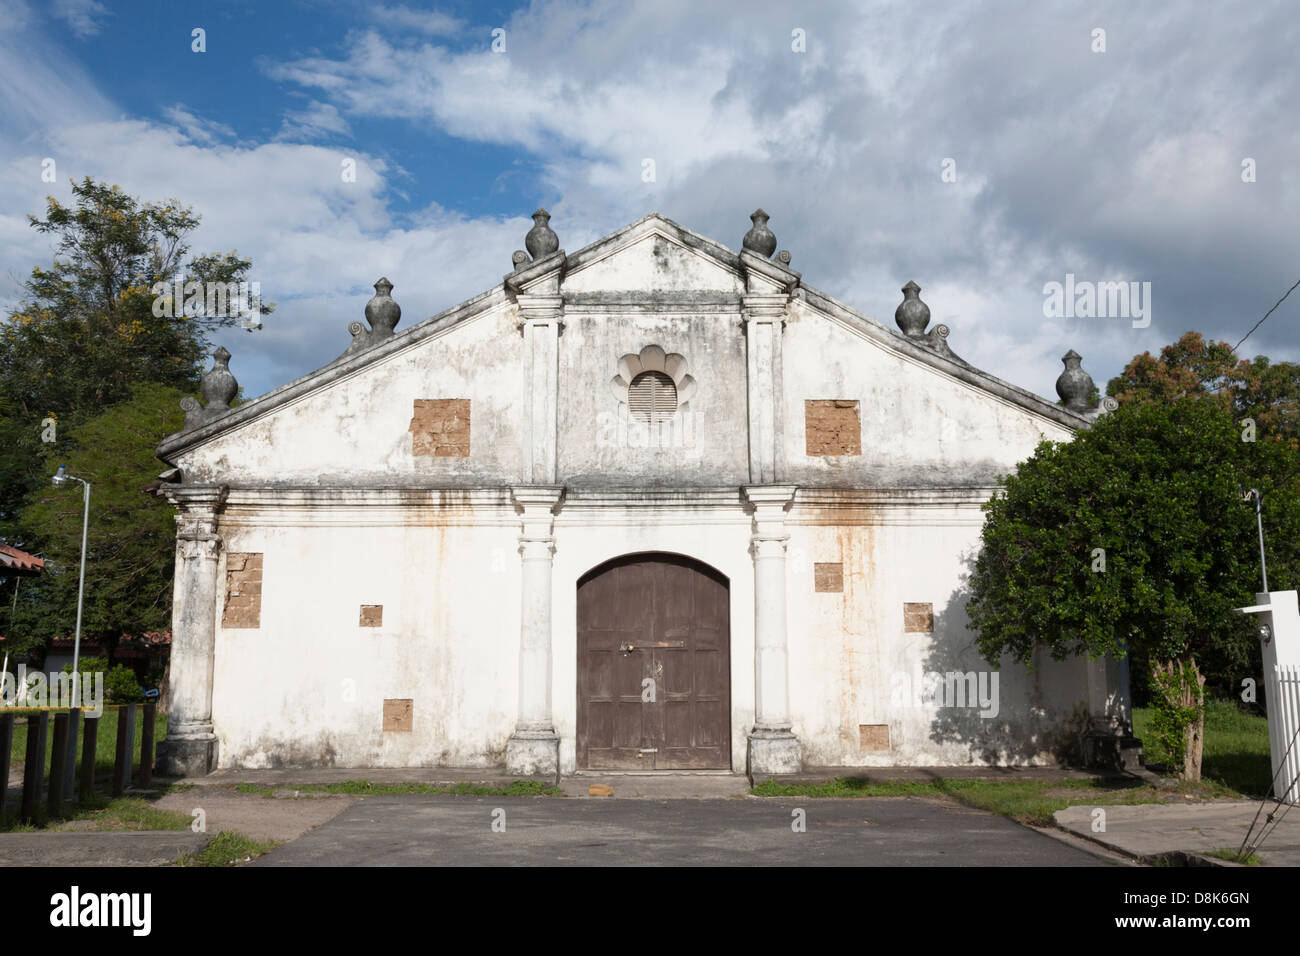 Iglesia de la Agonia, Liberia, Costa Rica - Stock Image